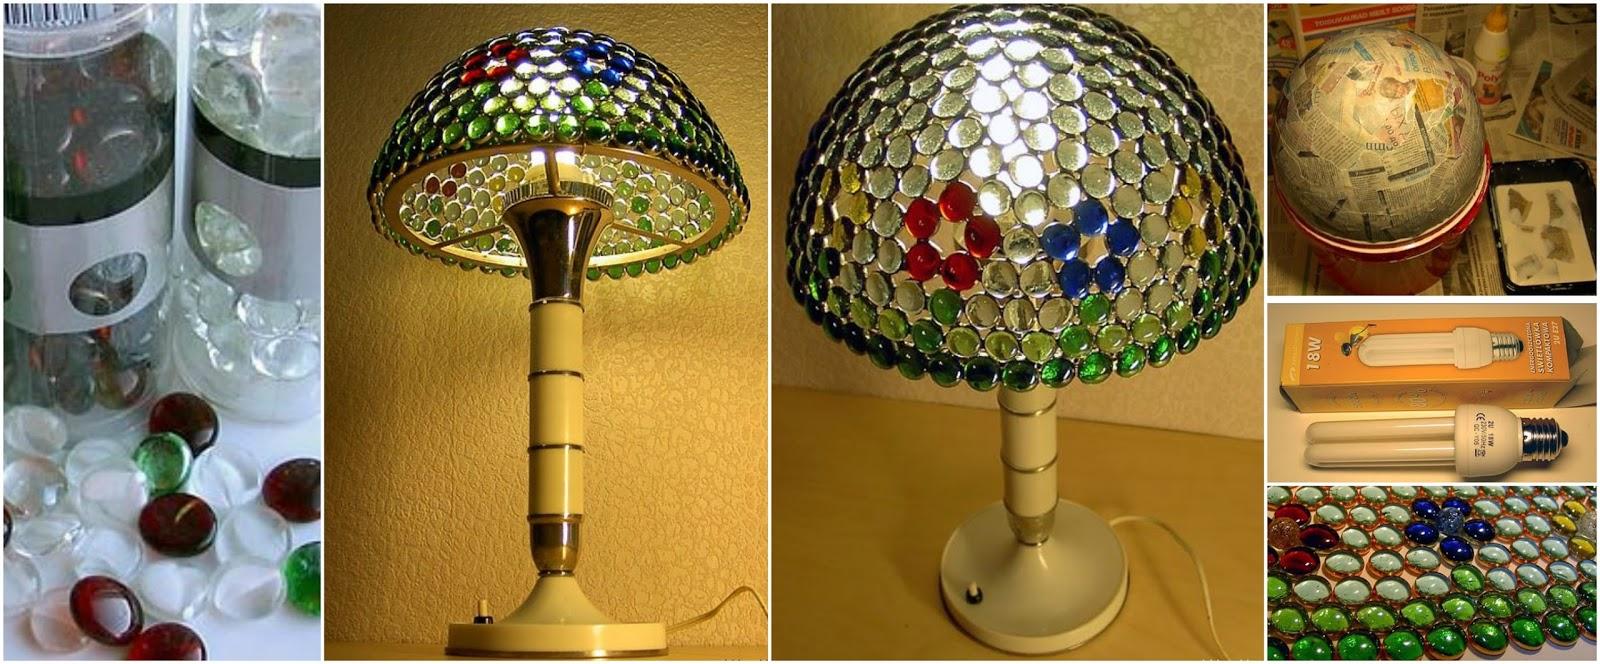 Aprende c mo hacer una lampara de mesa con gemas de vidrio - Como hacer una lampara de mesa casera ...